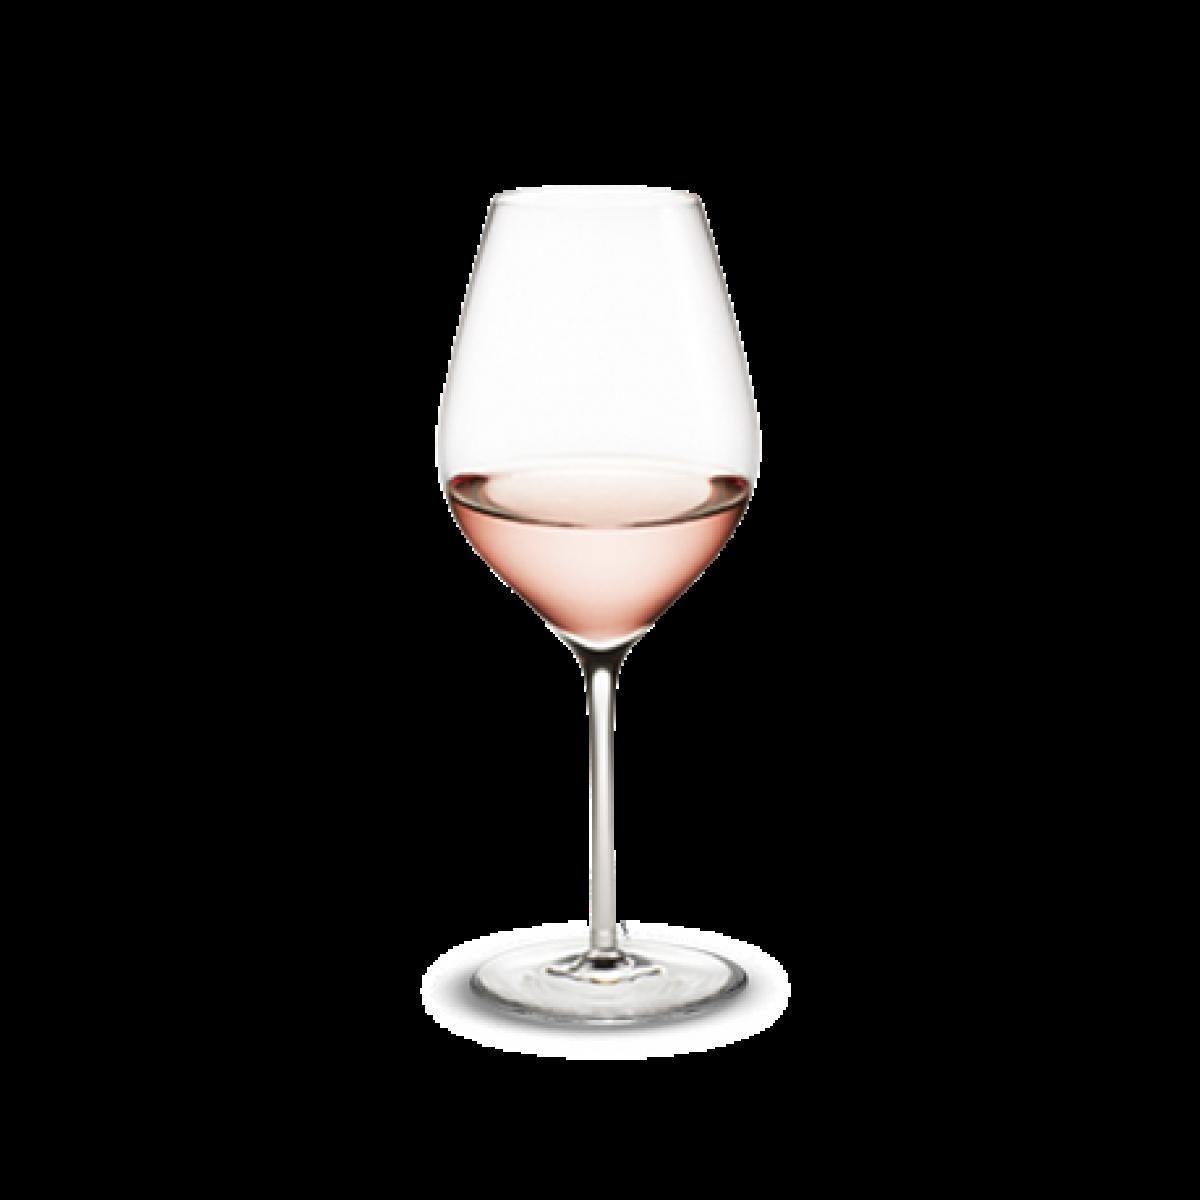 HOLMEGAARD Cabernet vinglas 52 cl. 6 stk.